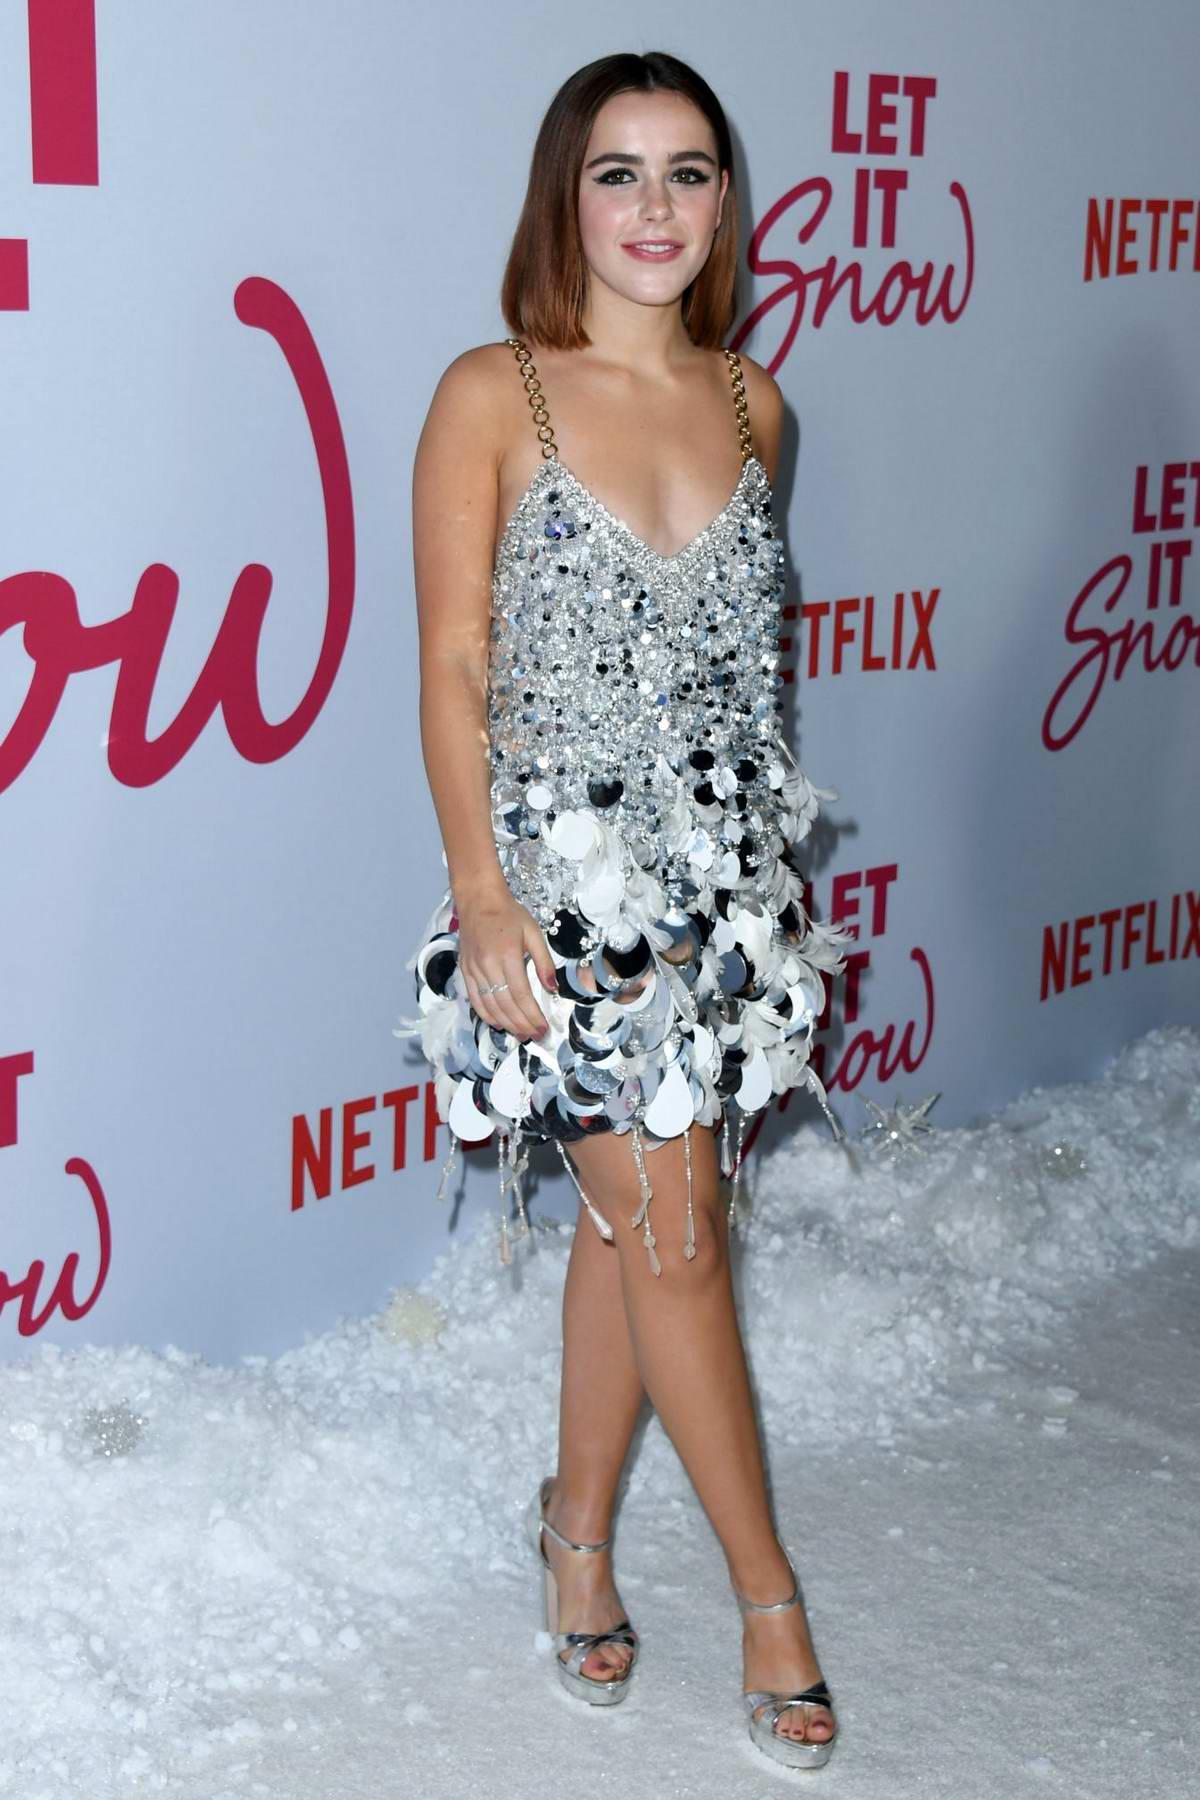 Kiernan Shipka attends the Premiere of Netflix's 'Let It Snow' in Los Angeles